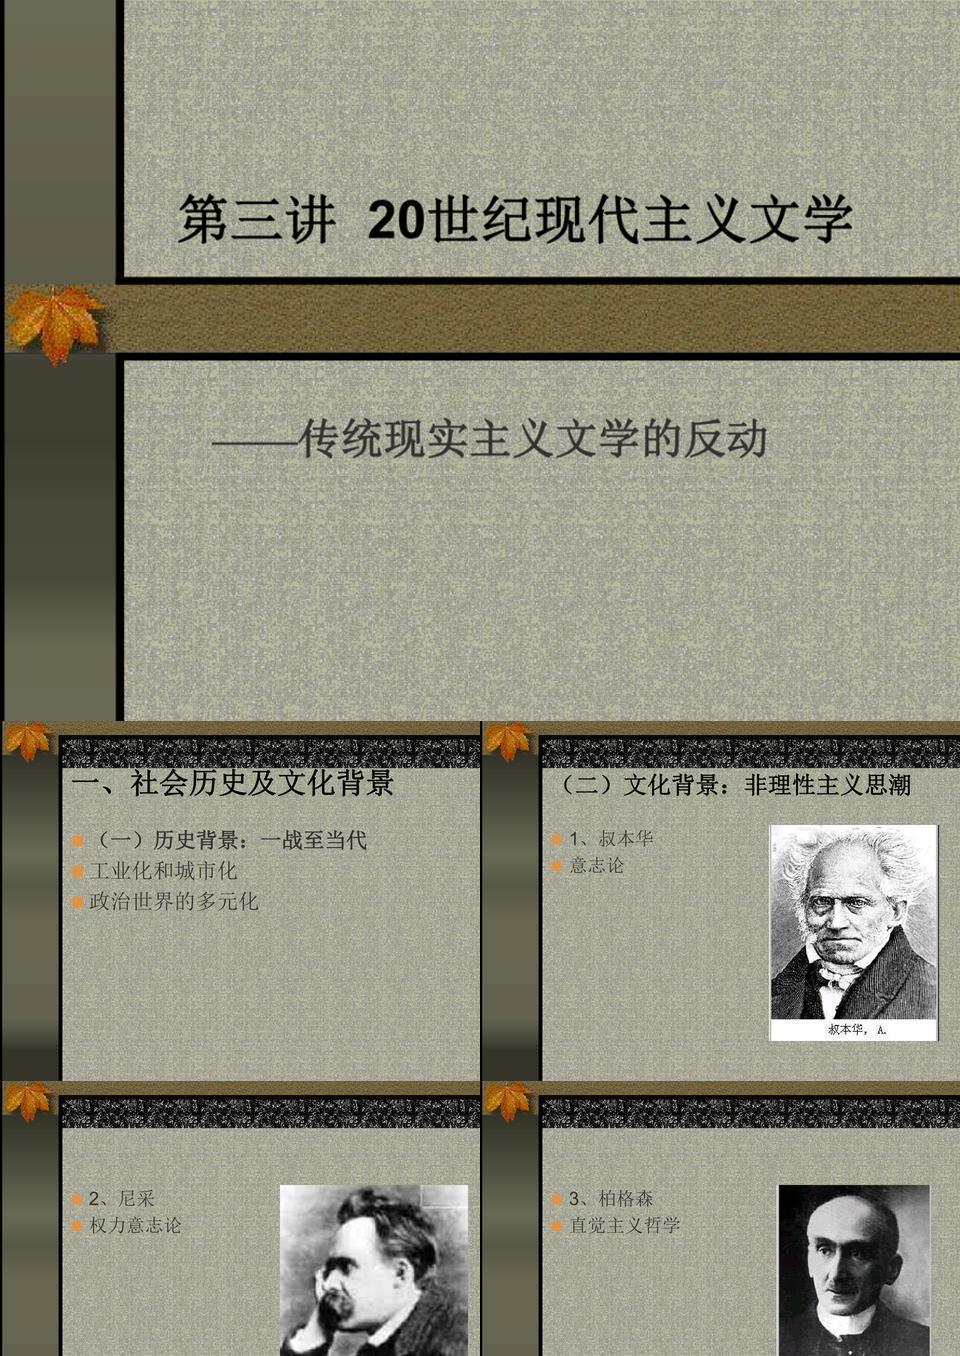 20世纪现代主义文学.ppt